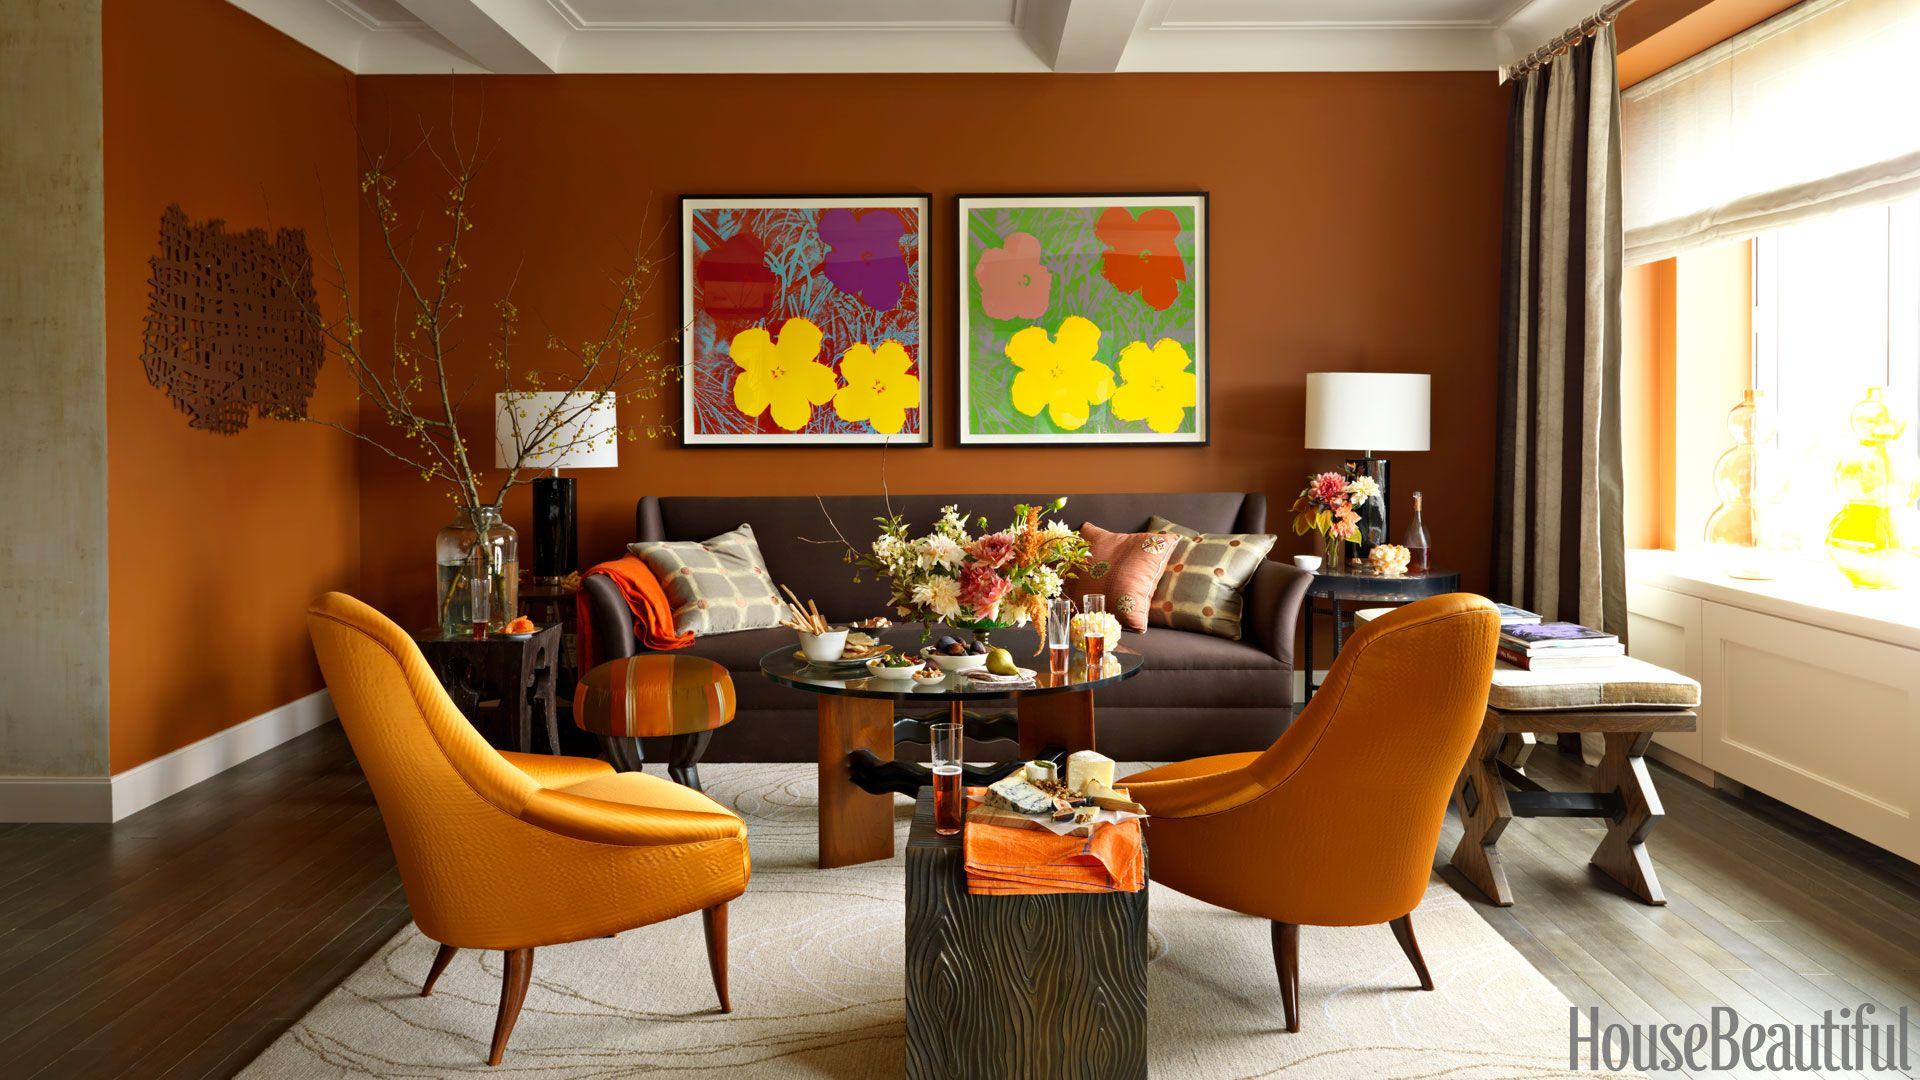 Amazing Spotlight in Orange Room | NDA - Interior Design - UNIT 09 ...